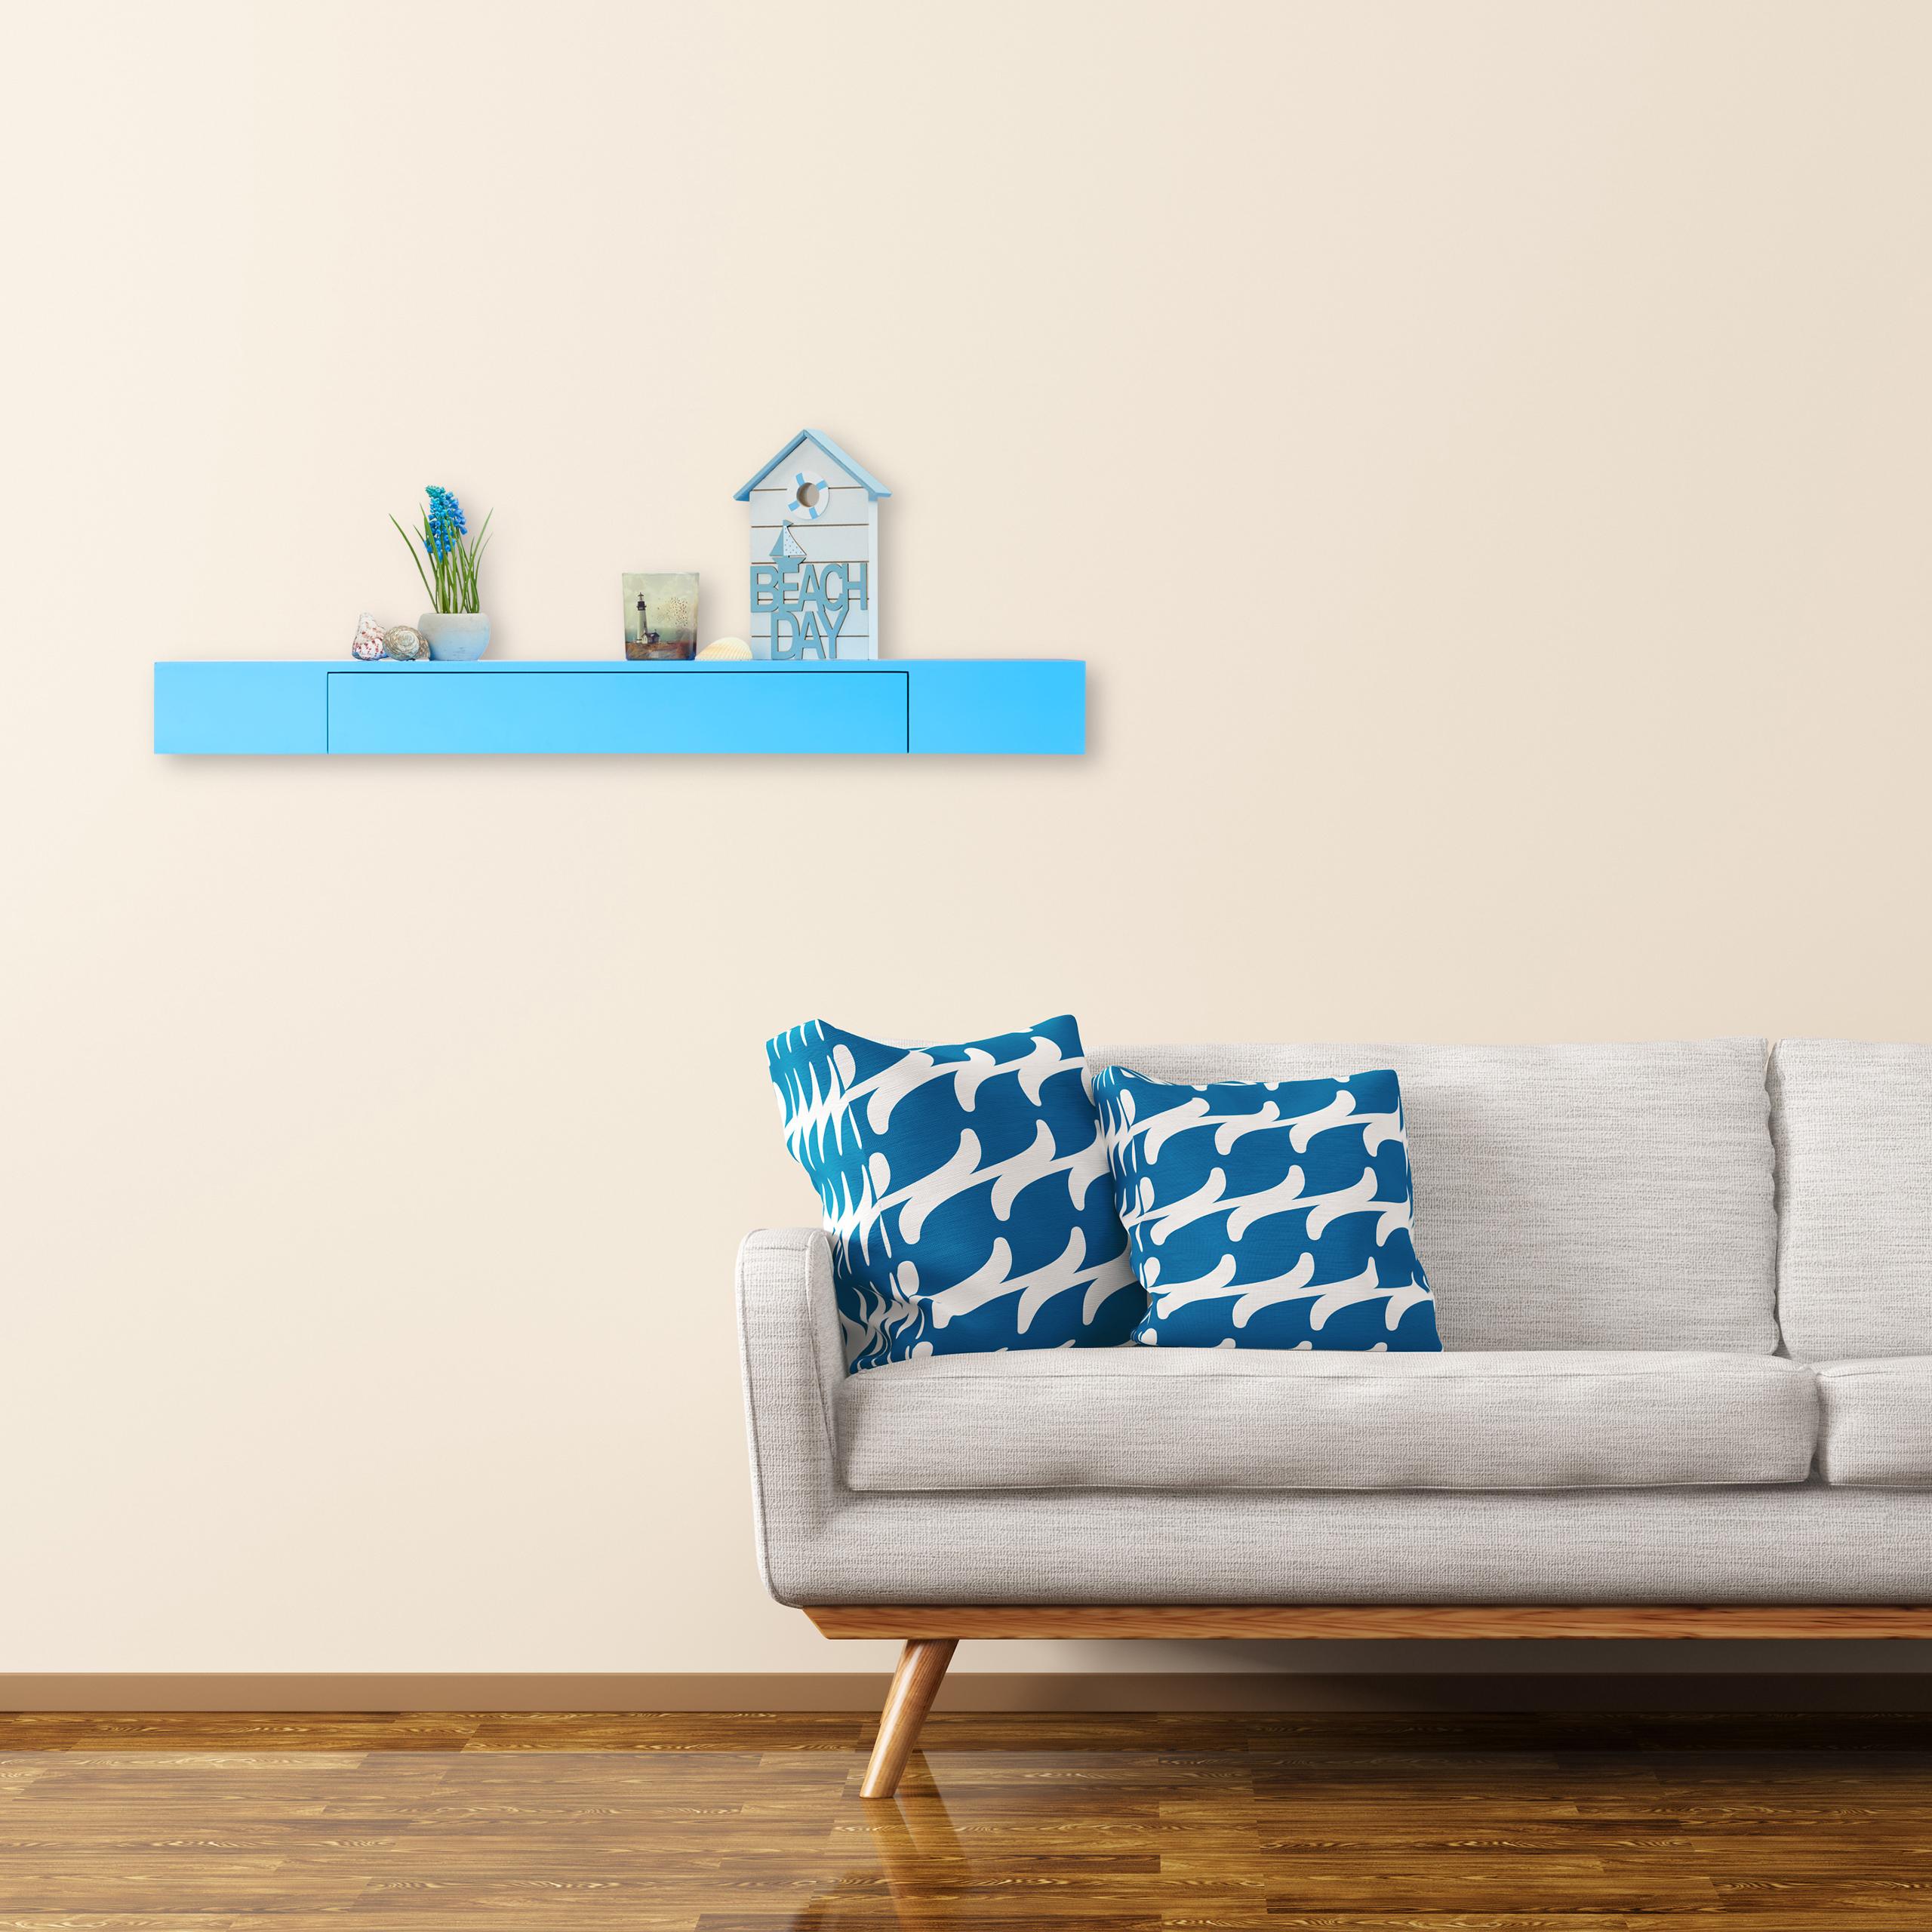 Wandregal-mit-Schublade-freischwebend-Design-Deko-Wohnzimmer-modern-Ablage Indexbild 12